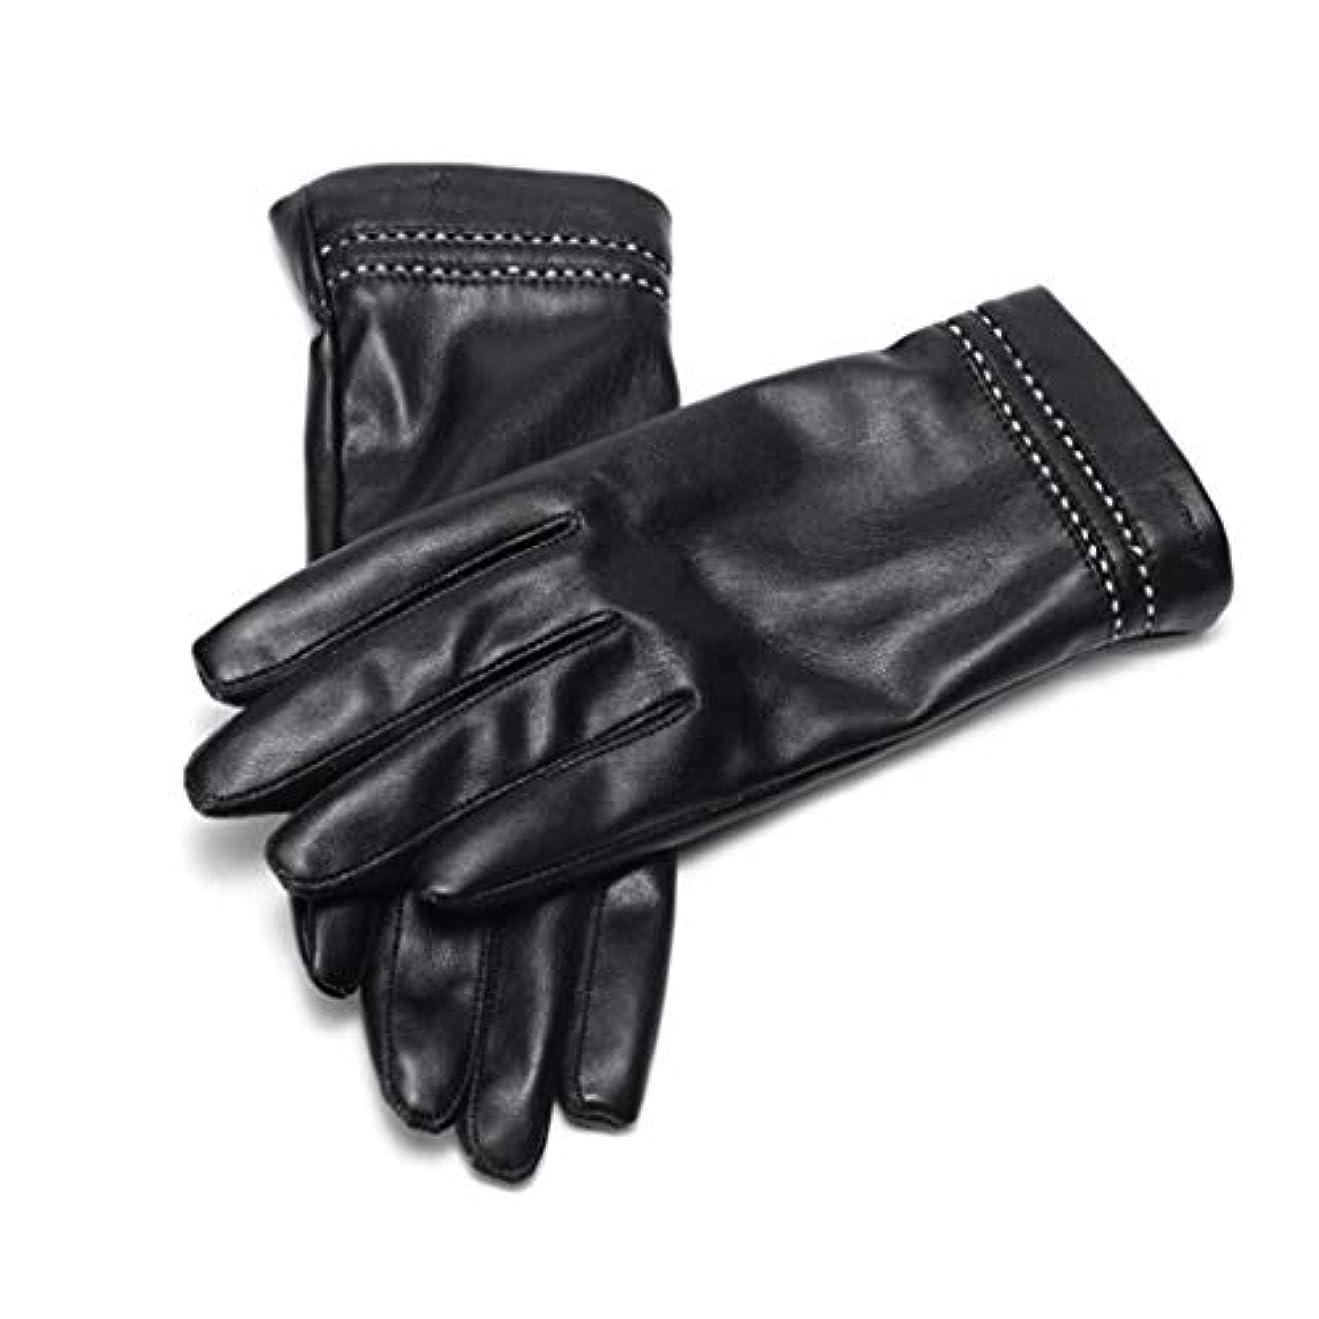 愚かプロペラ静脈女性の革手袋秋と冬のファッションプラスベルベット暖かい滑り止めのタッチスクリーン革手袋の女性671141003黒